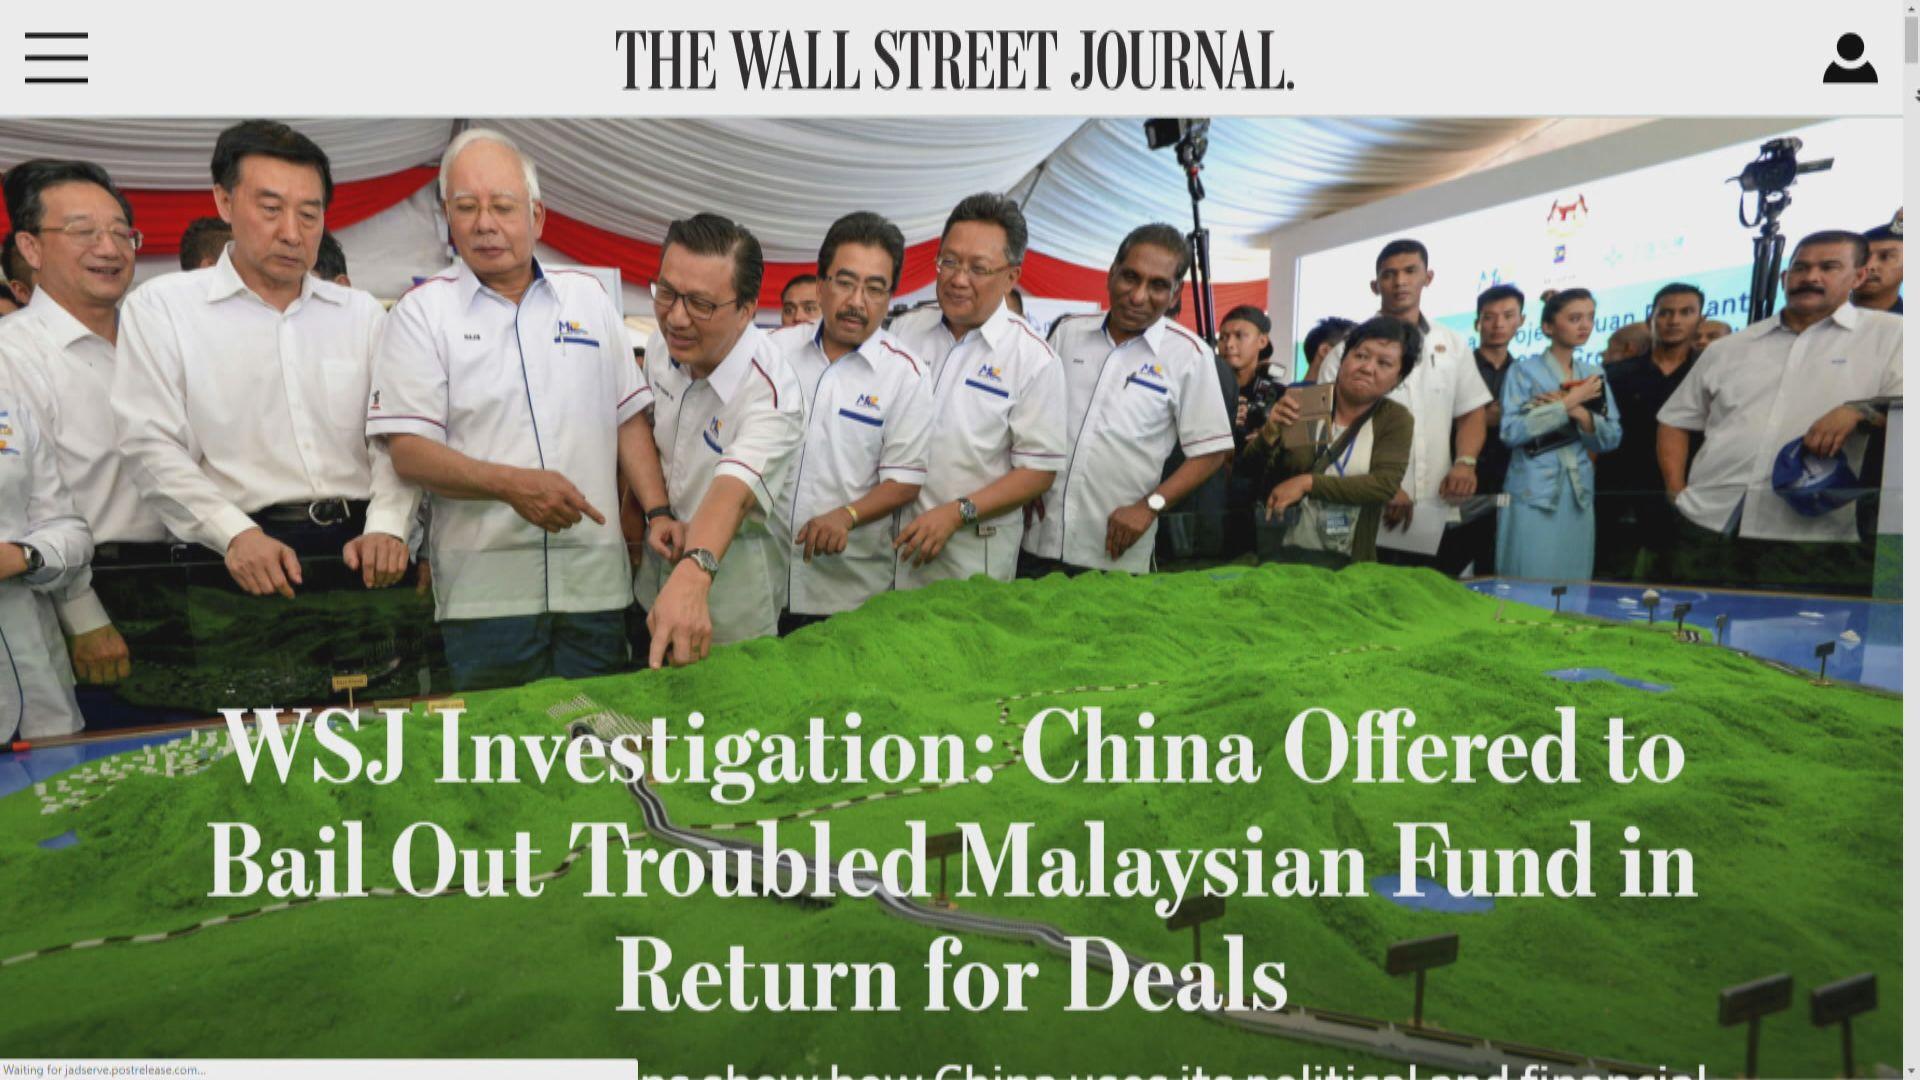 報道:中國曾提出阻一馬基金調查換一帶一路